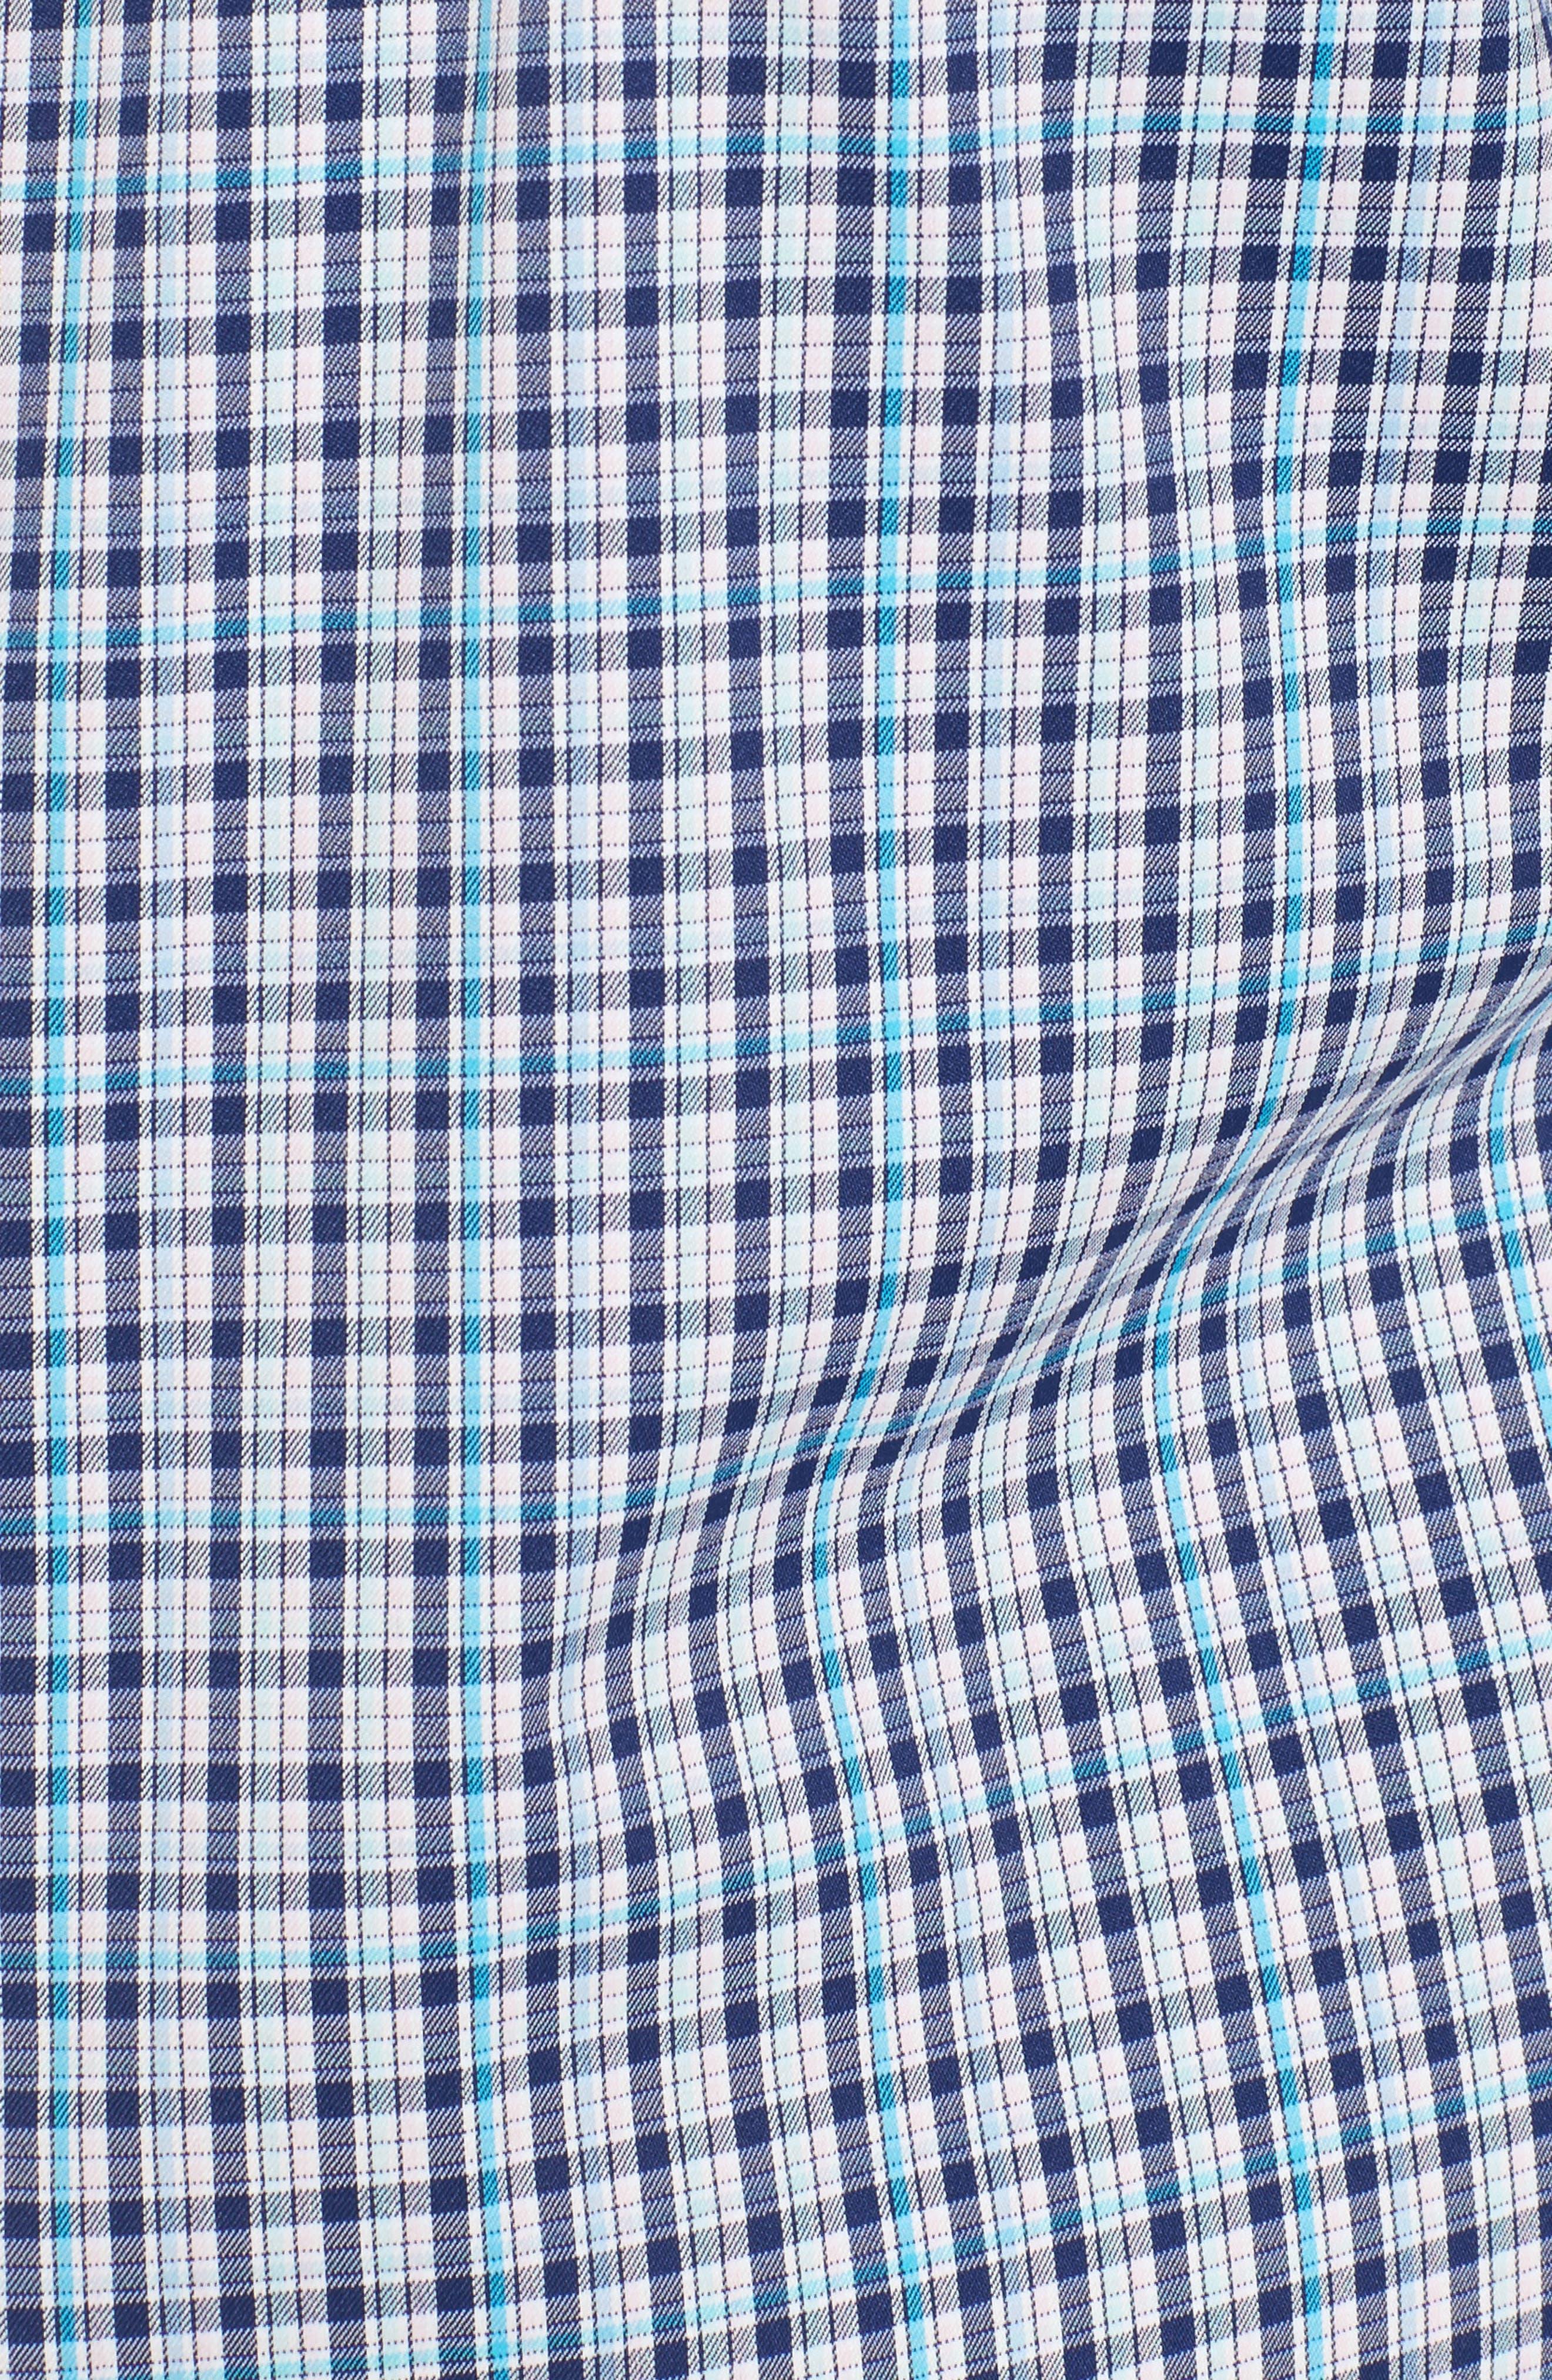 Jojo Check Performance Sport Shirt,                             Alternate thumbnail 5, color,                             411